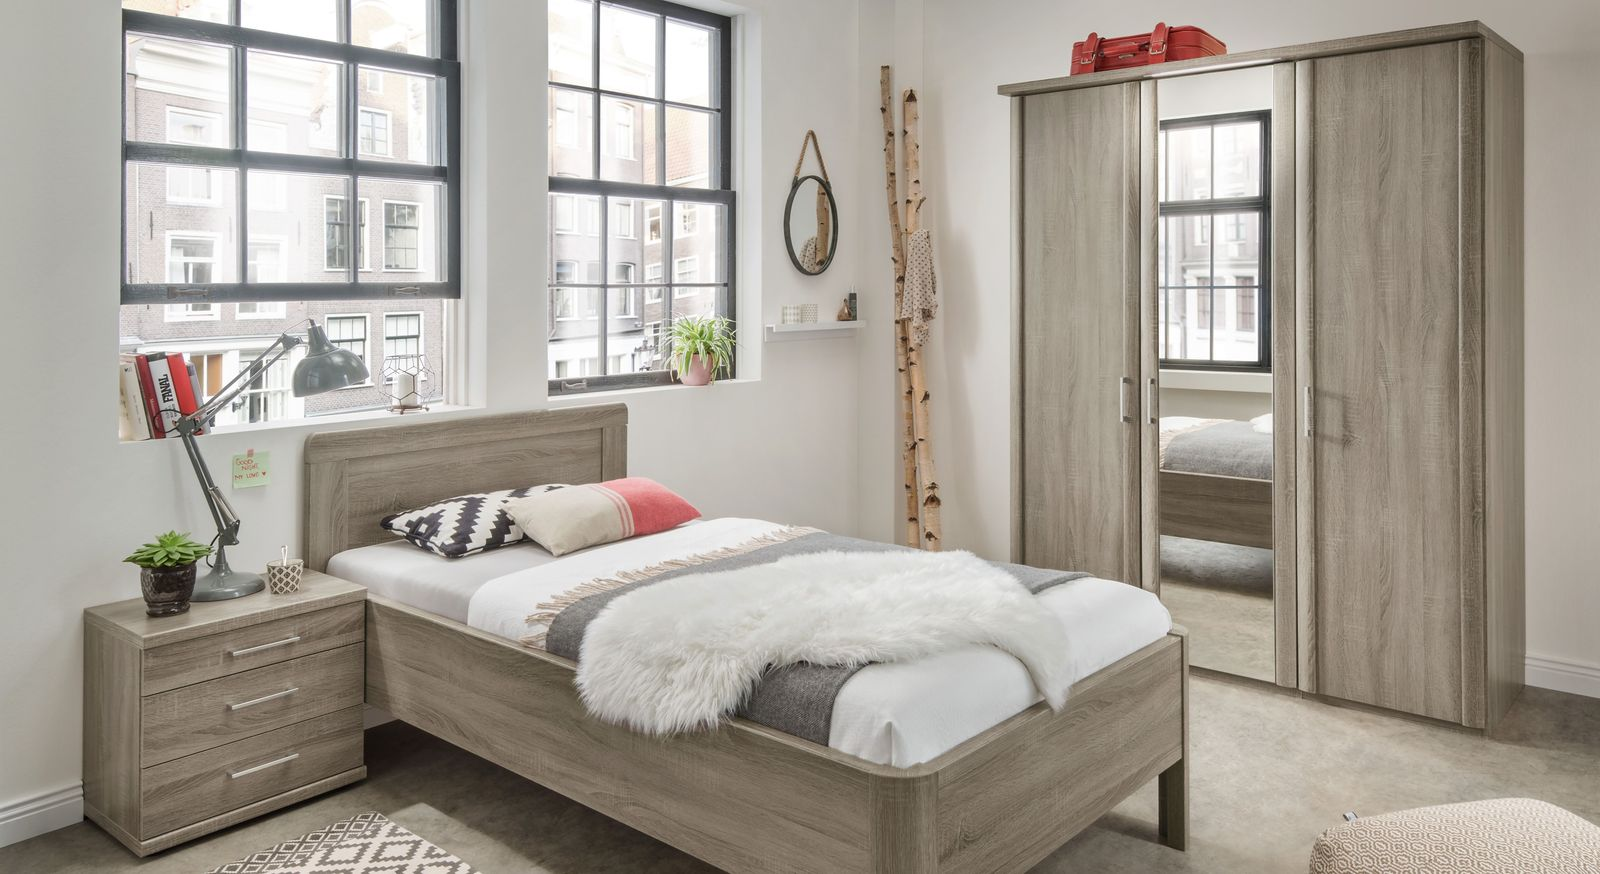 Spiegel-Kleiderschrank Troia mit passenden Schlafzimmermöbeln